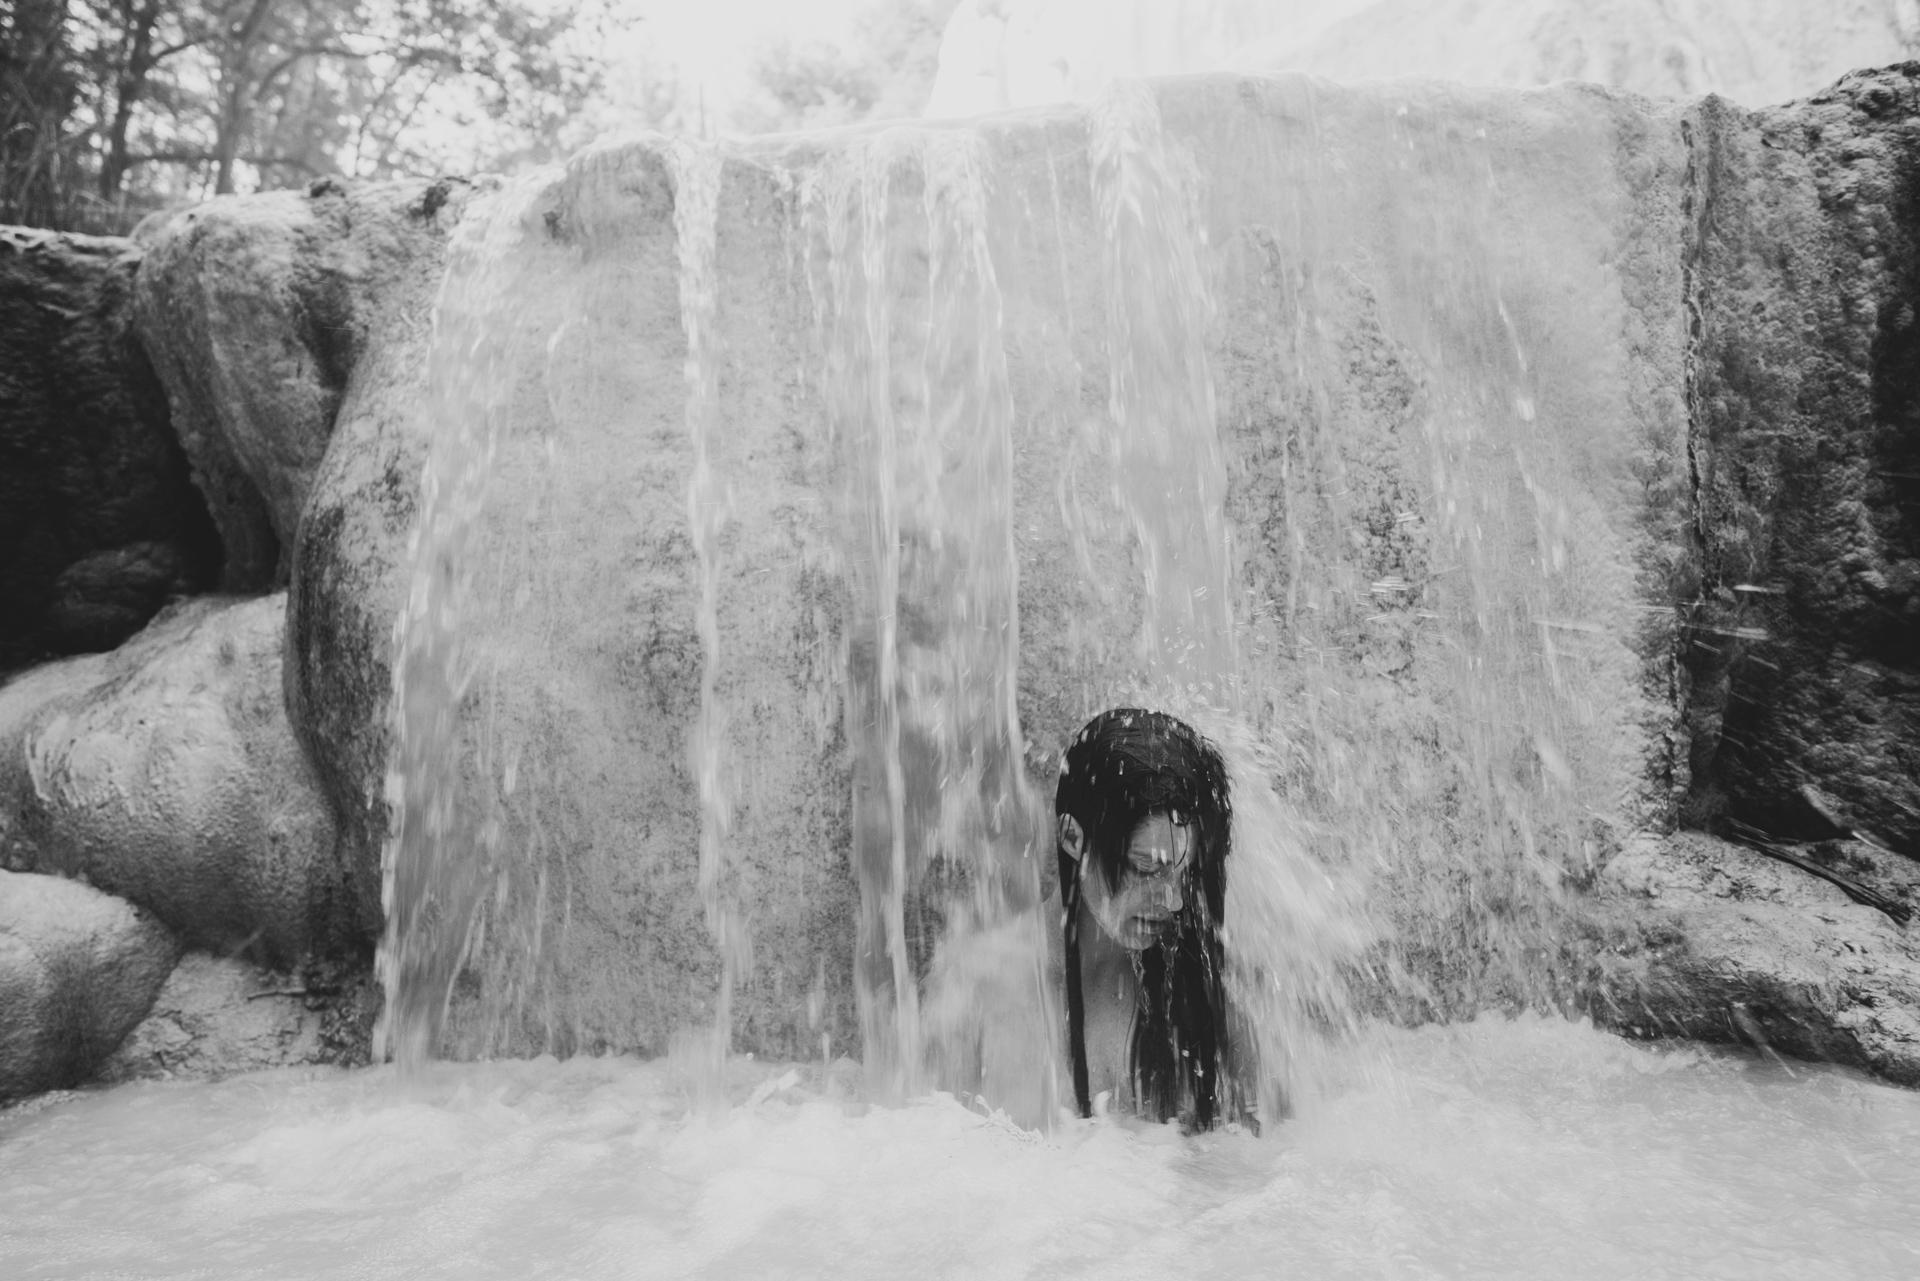 Bagni San Filippo  PHOTO: MIRKO FIN • Sonly Sony a7R III • 12-24mm Ƒ/4 @ 24mm • Ƒ/4 • 1/125 • ISO 320